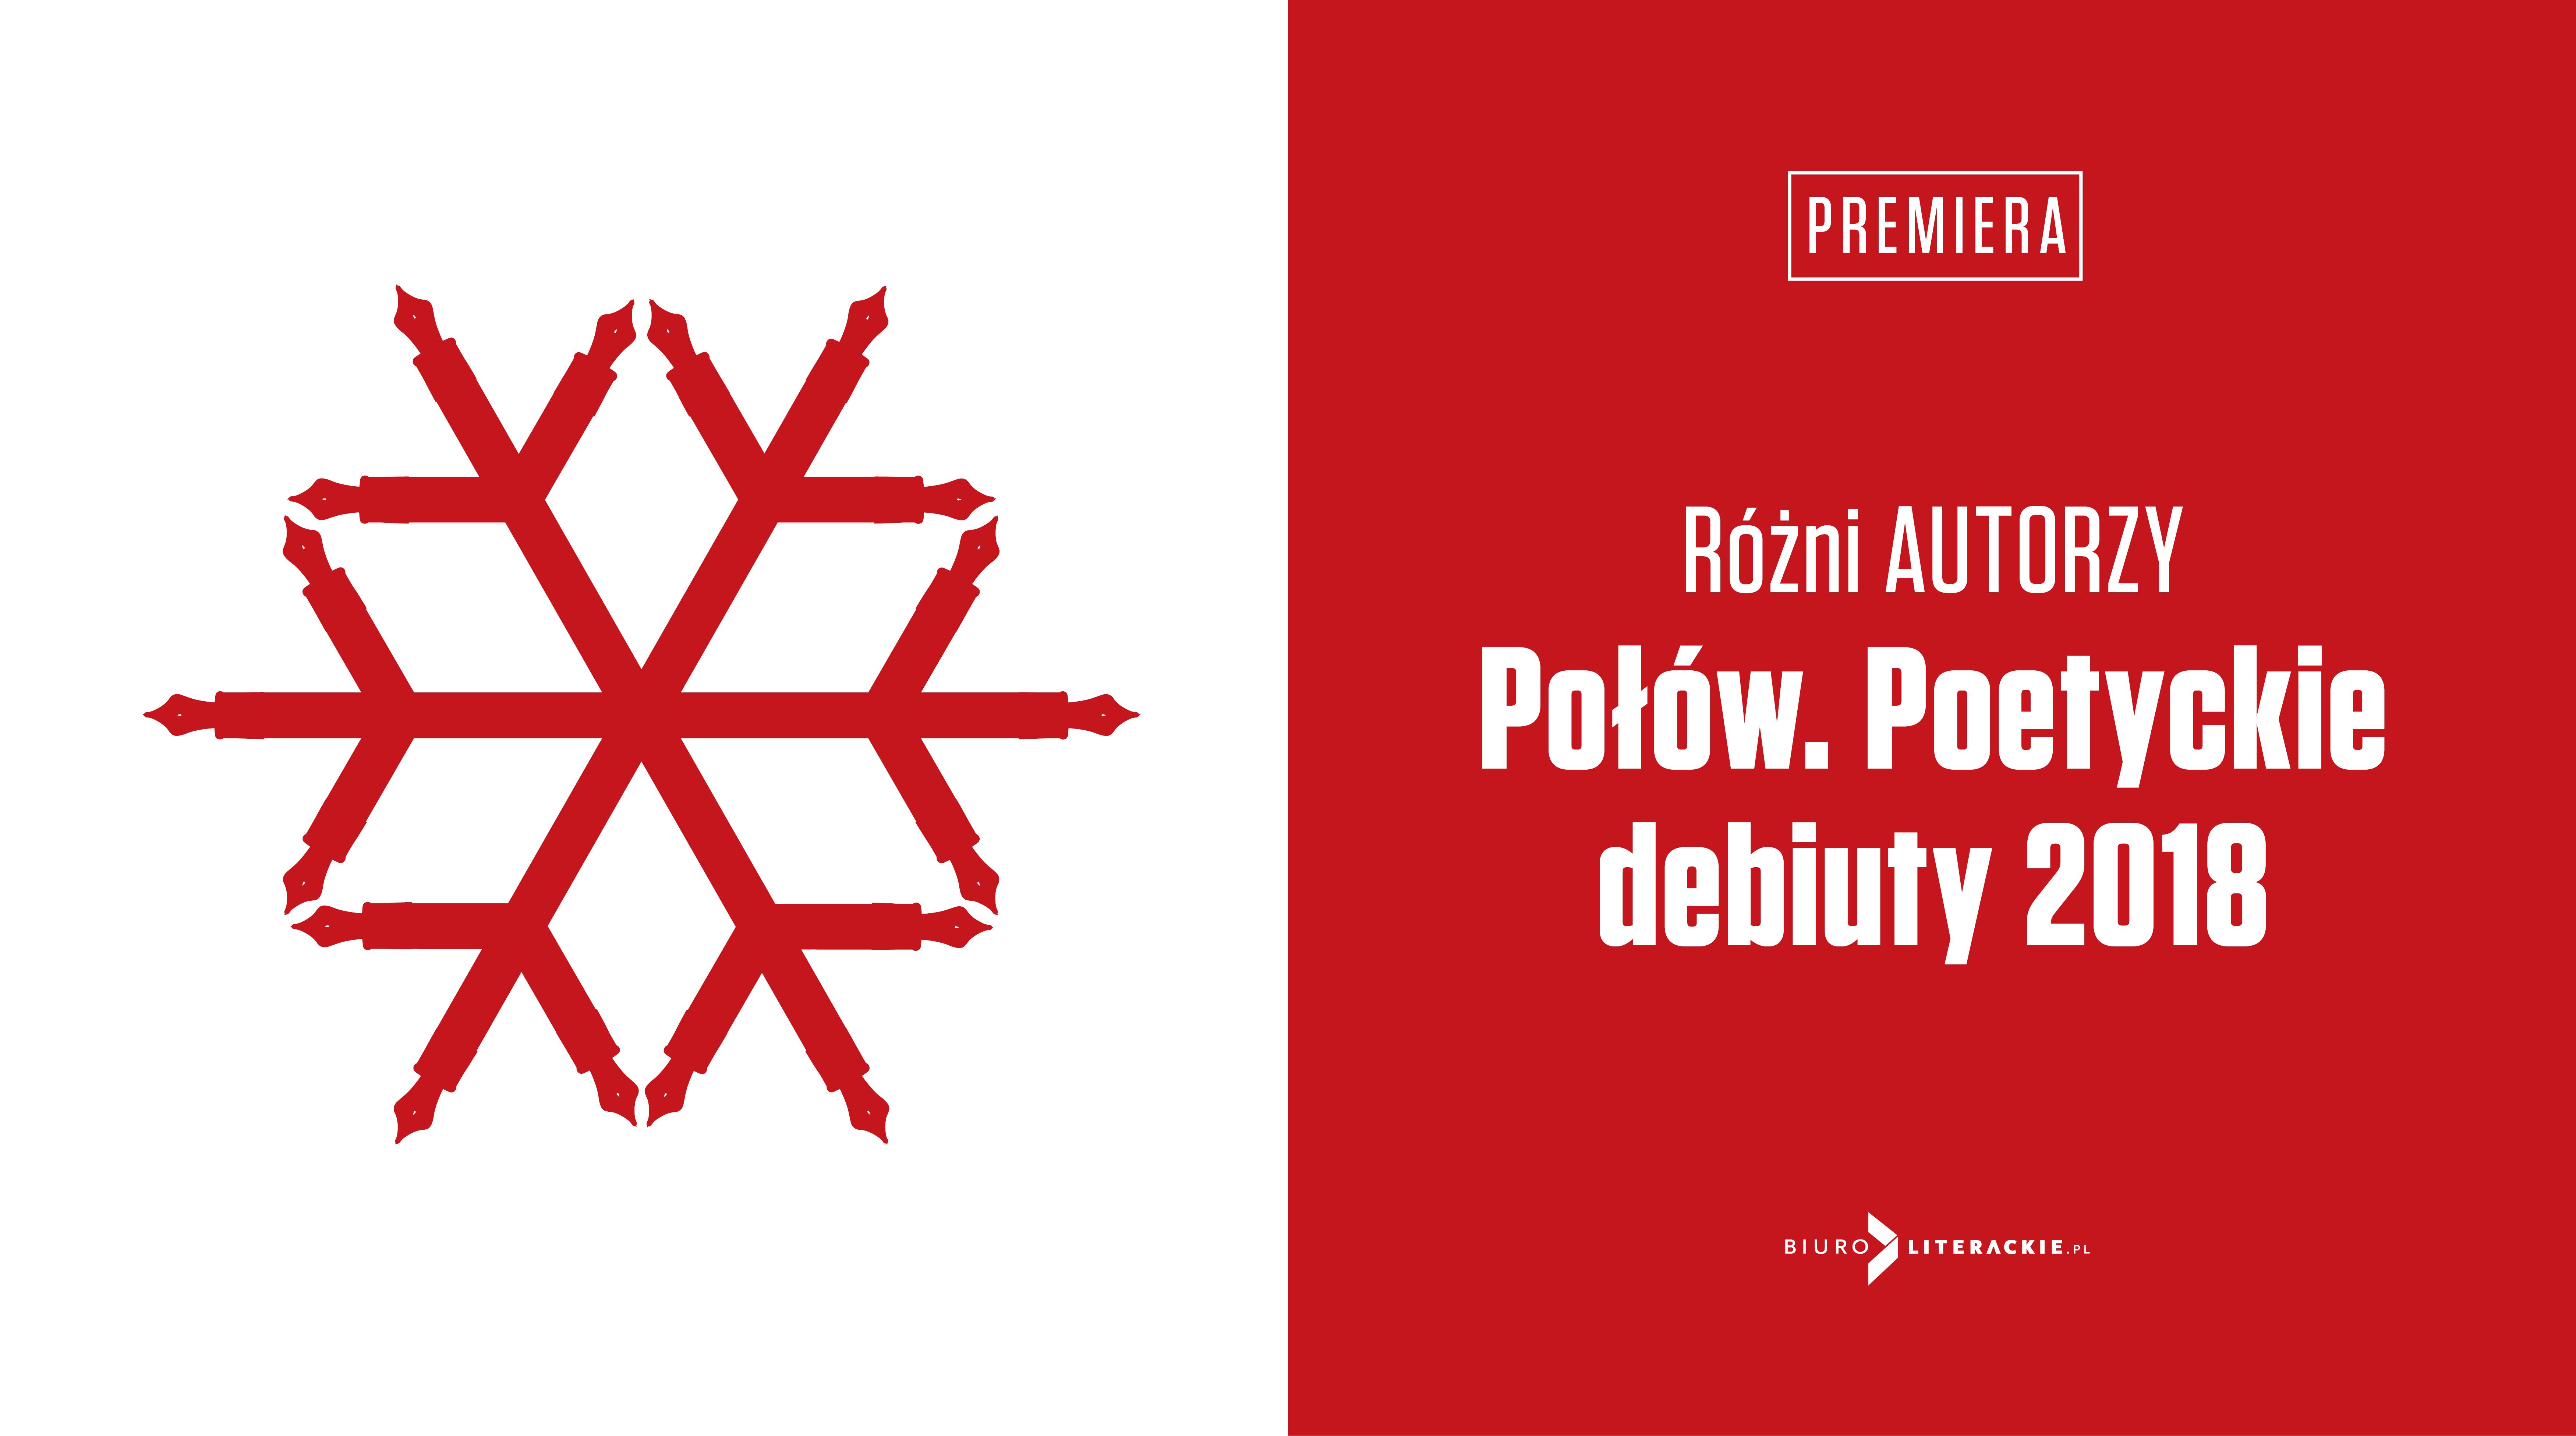 BL_Info_2019.06.03_Rozni_AUTORZY_Polow_Poetyckie_debiuty_2018__www_top